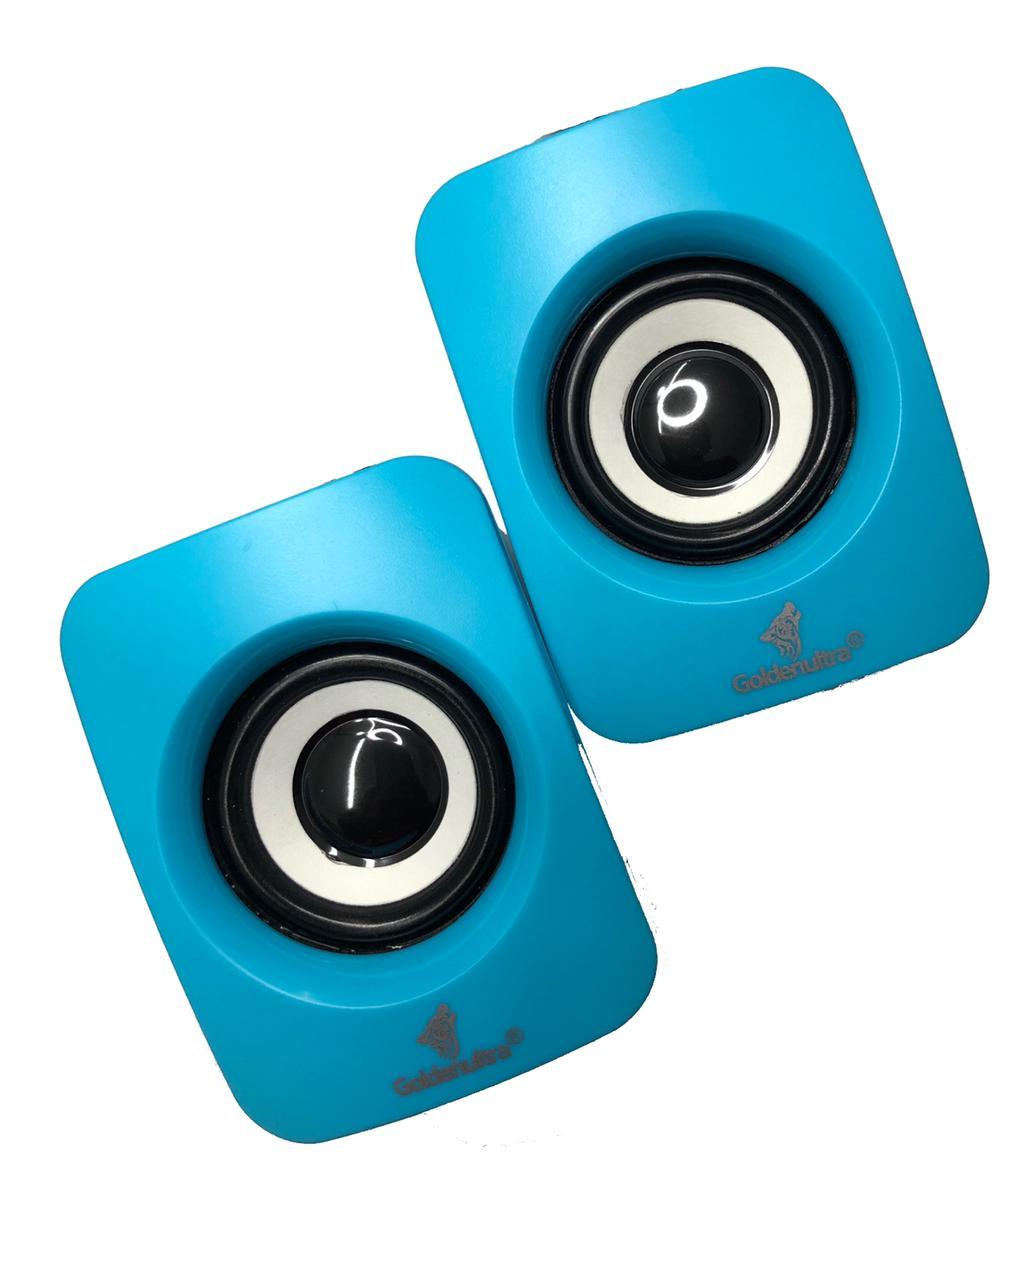 Caixa de som para computador - Azul